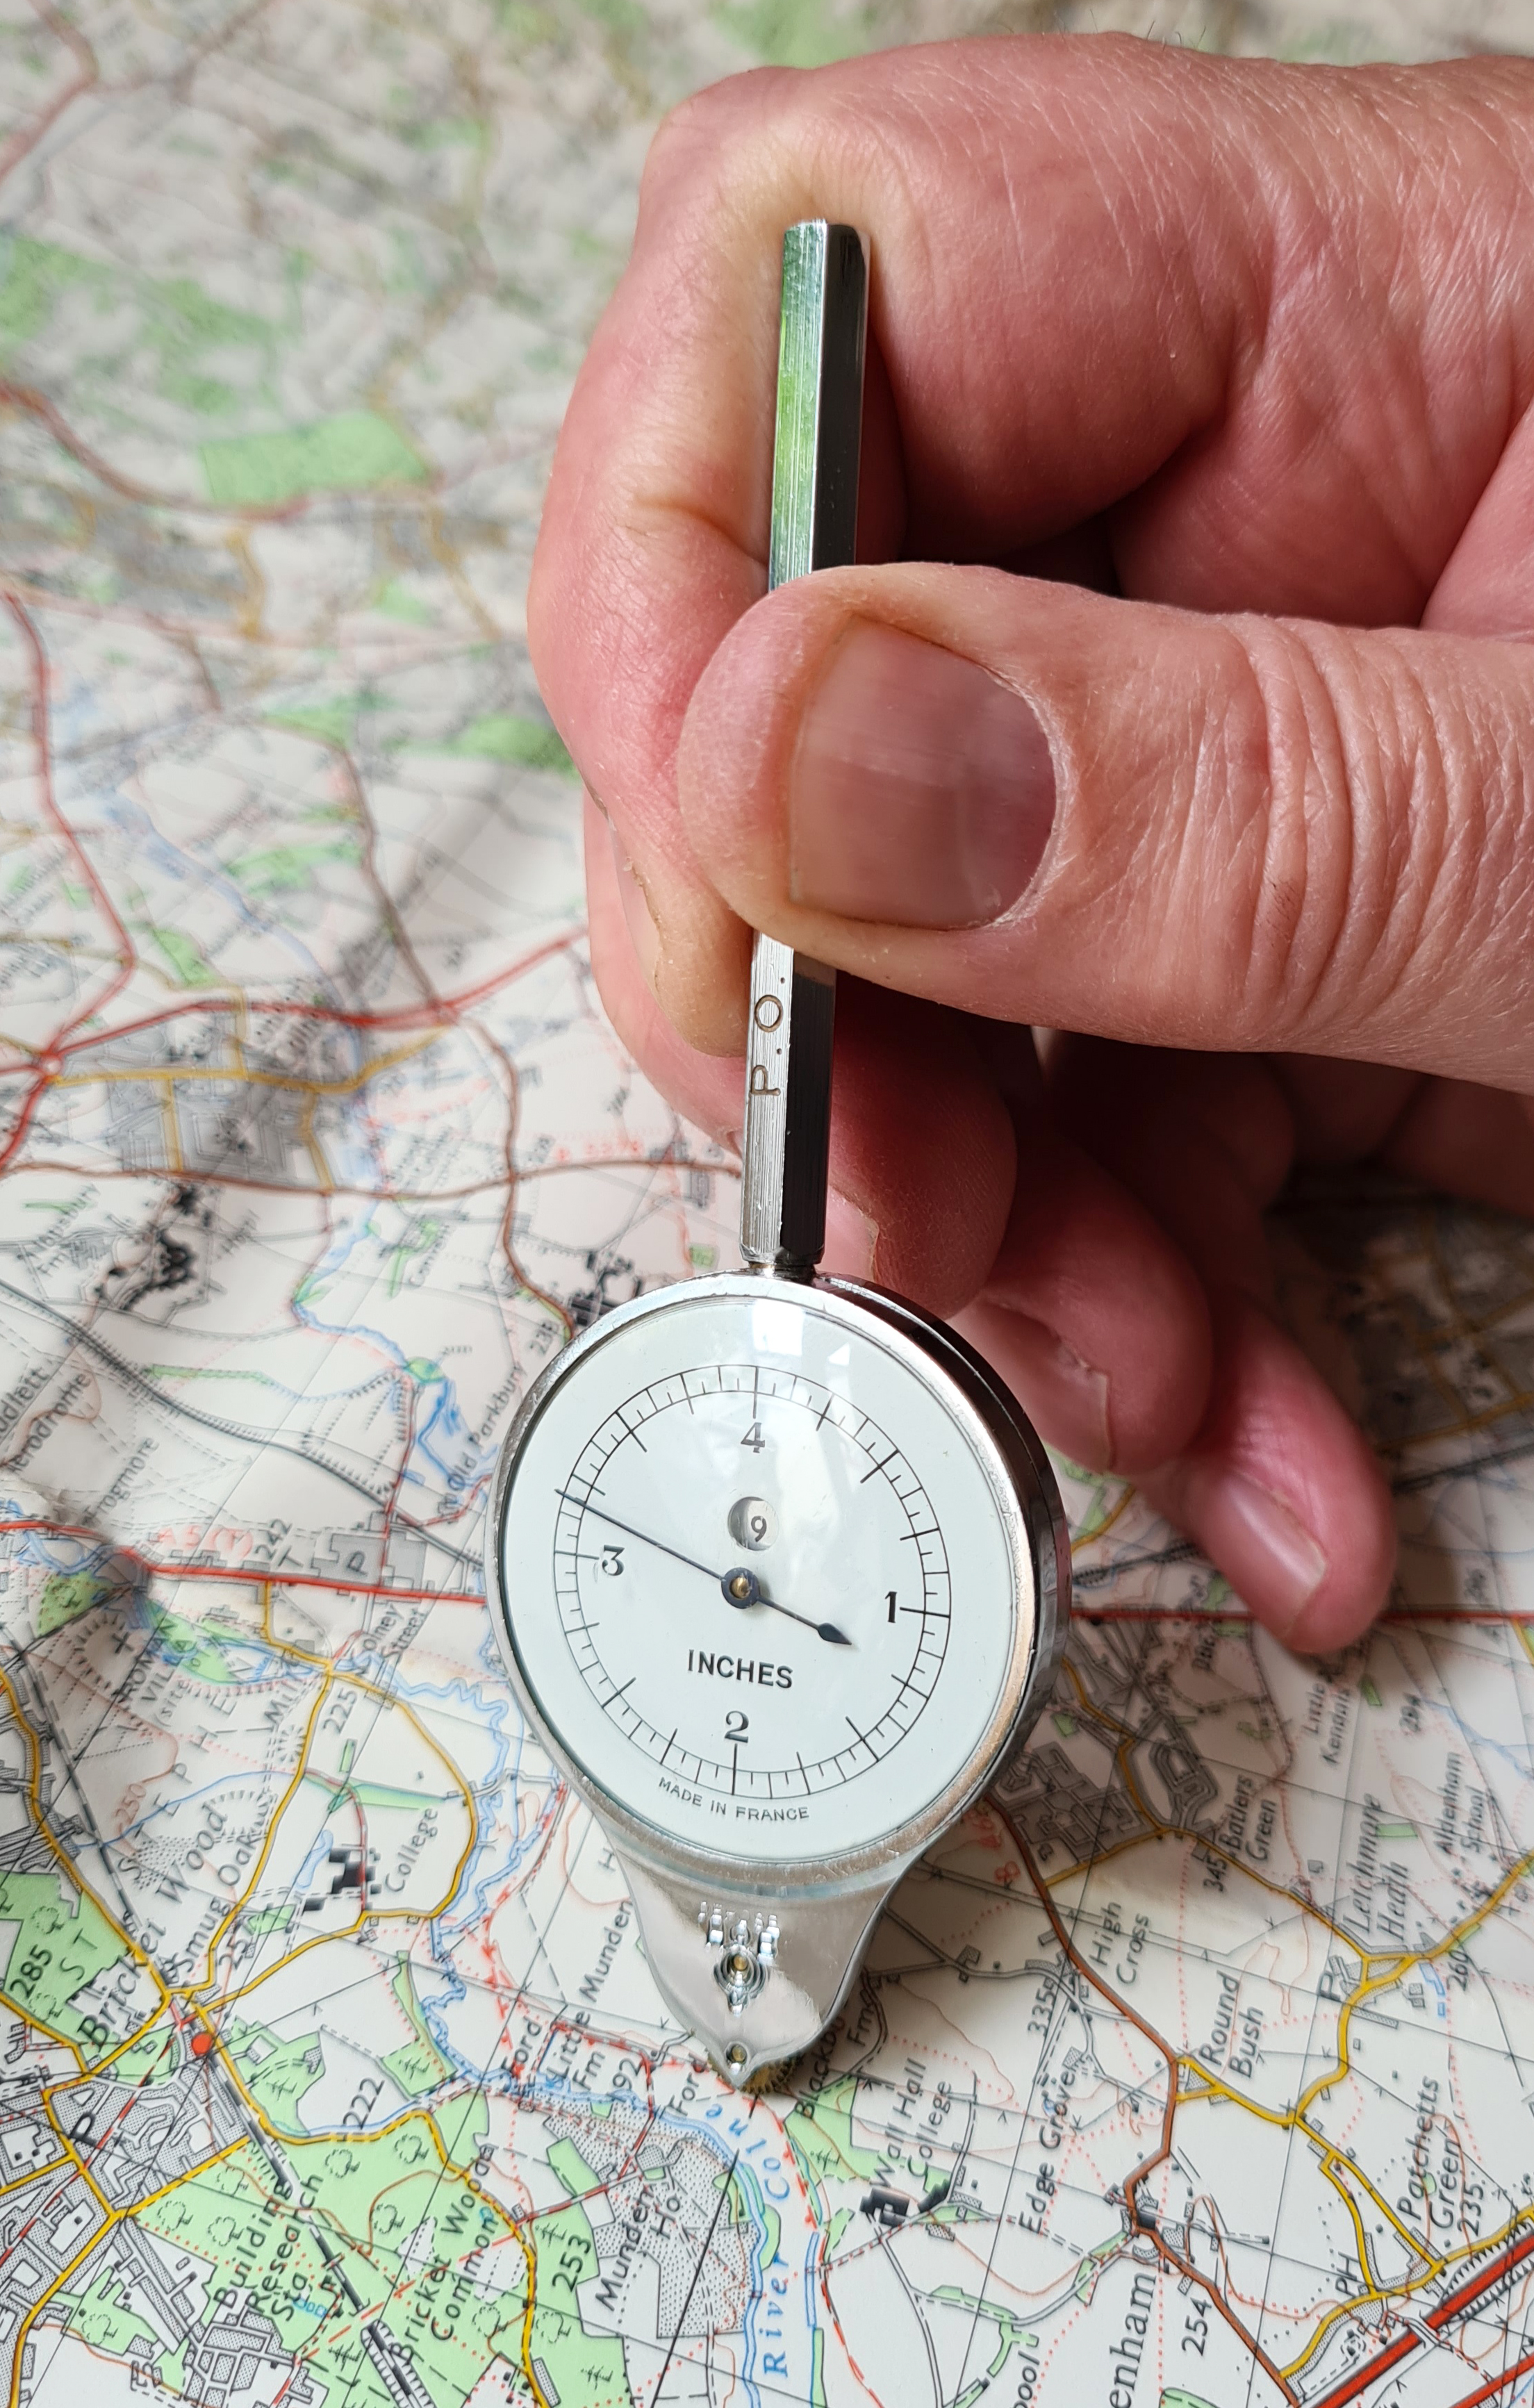 HB Curvimetre 52 MA